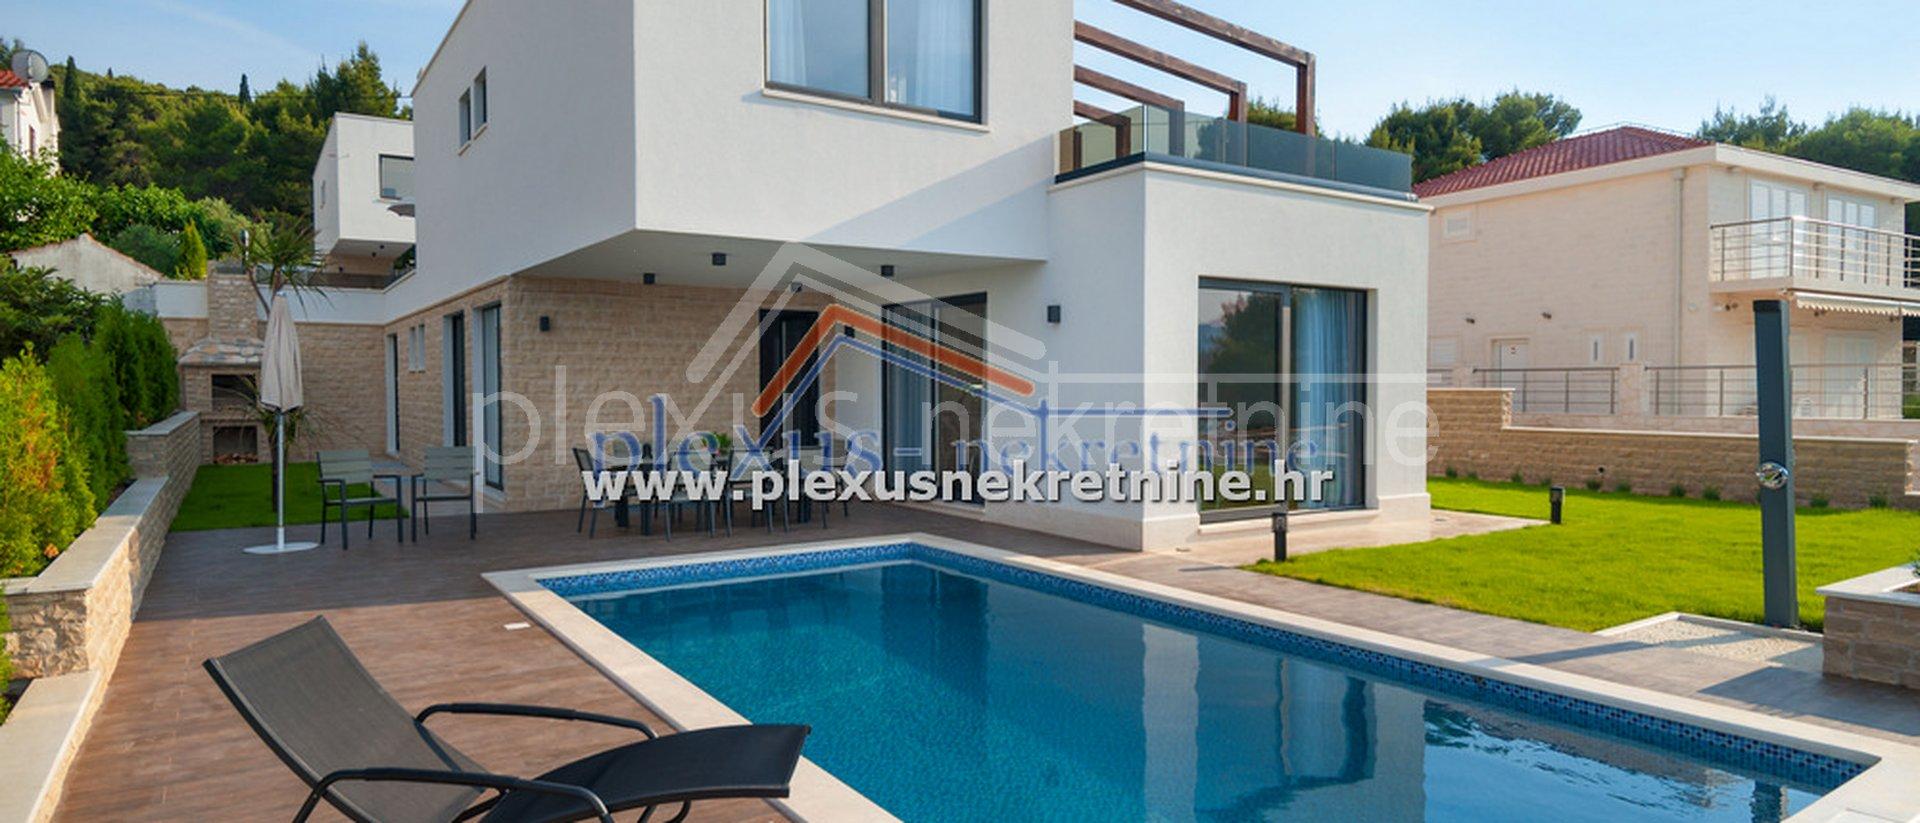 Haus, 600 m2, Verkauf, Okrug - Okrug Gornji